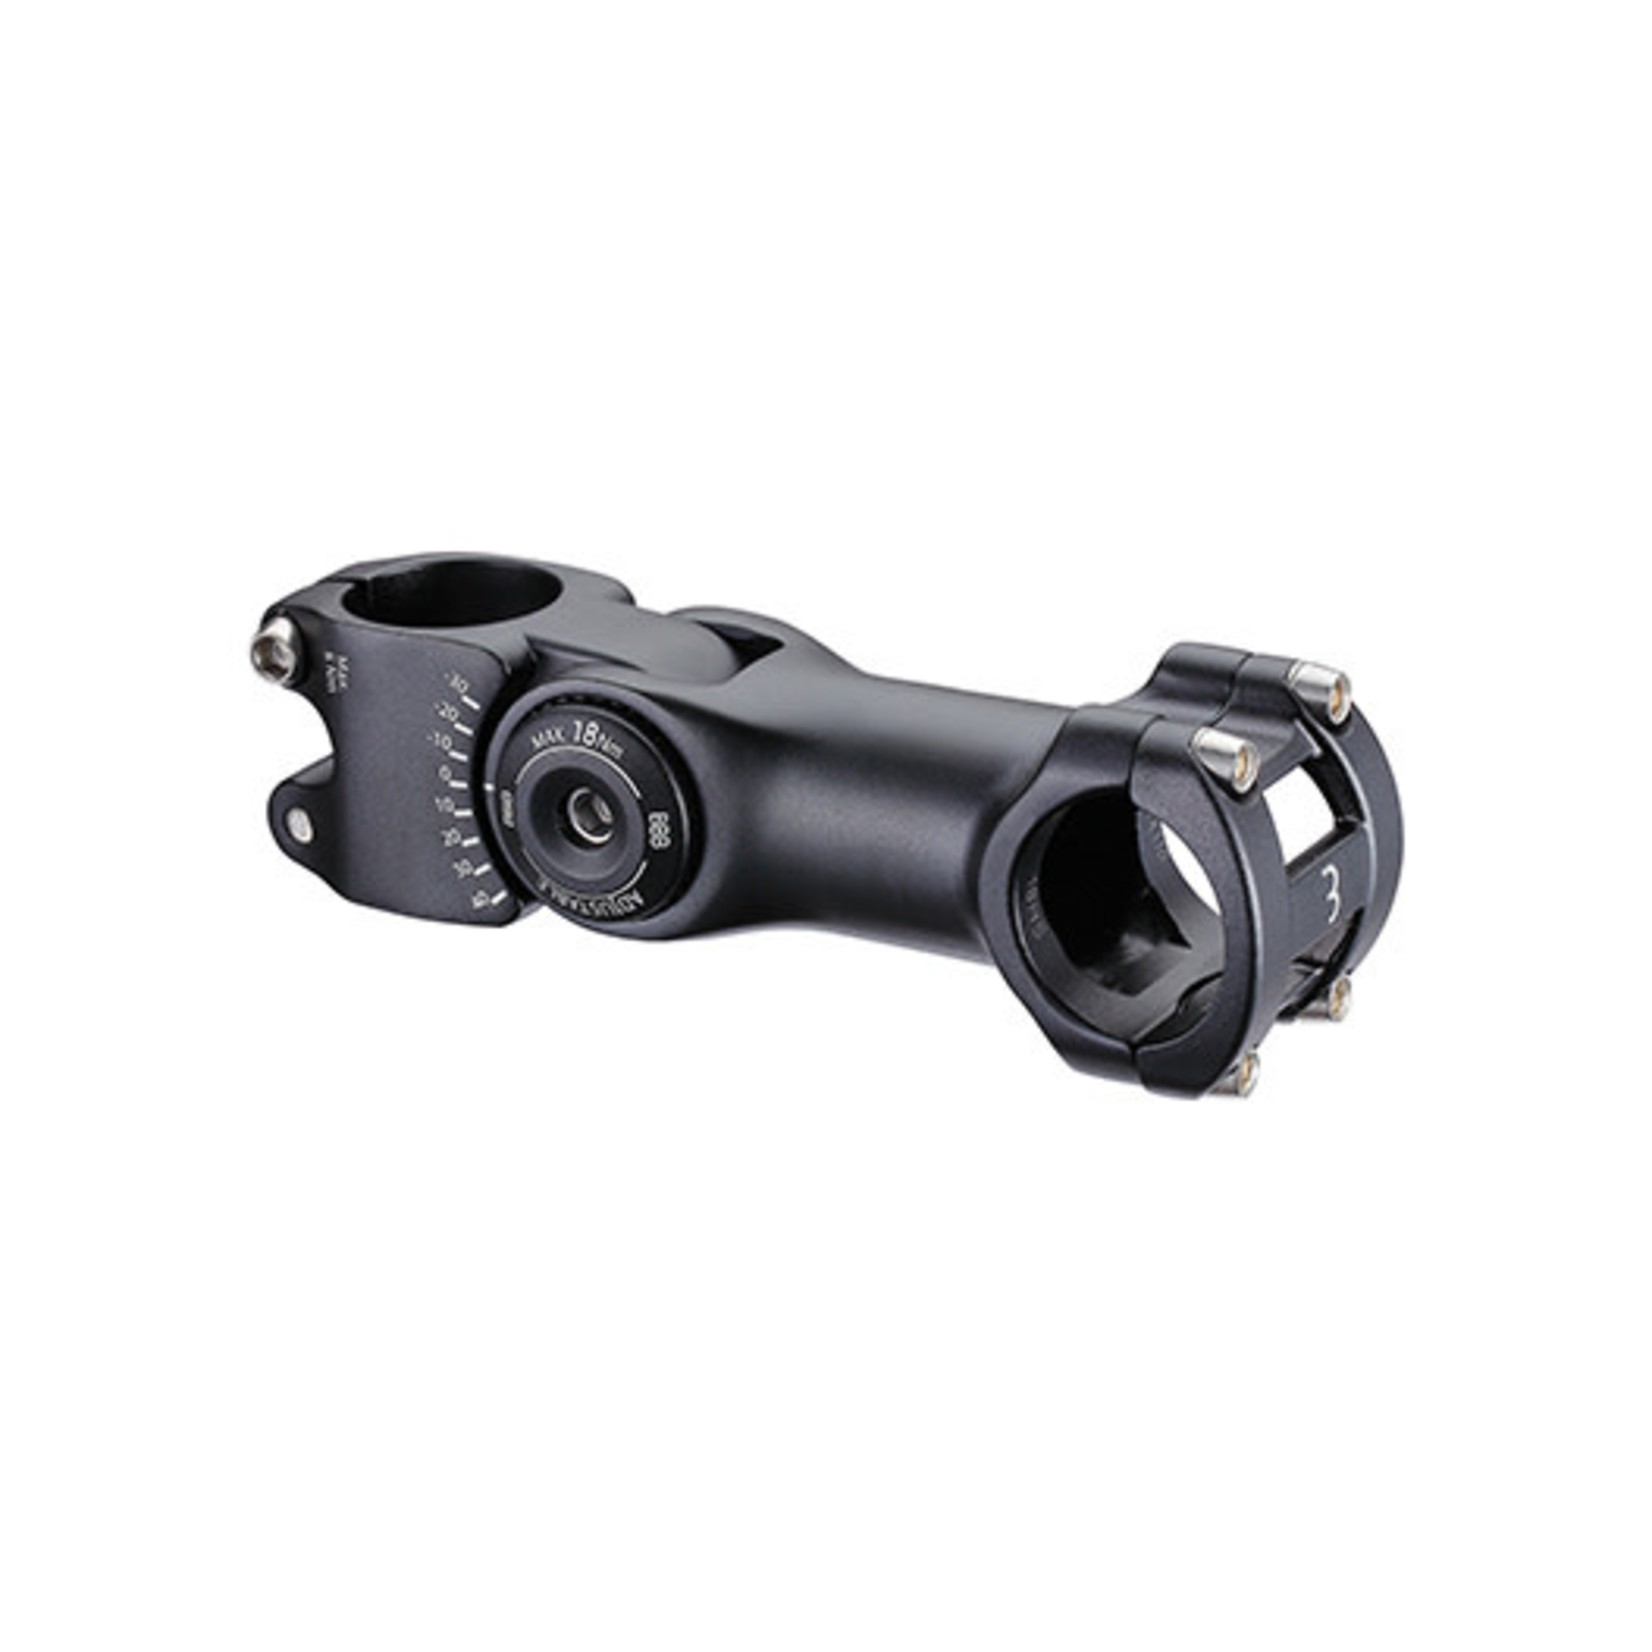 BBB BBB - Vorbau regolabile  130mm 31.8mm (+40º/-40º) nera